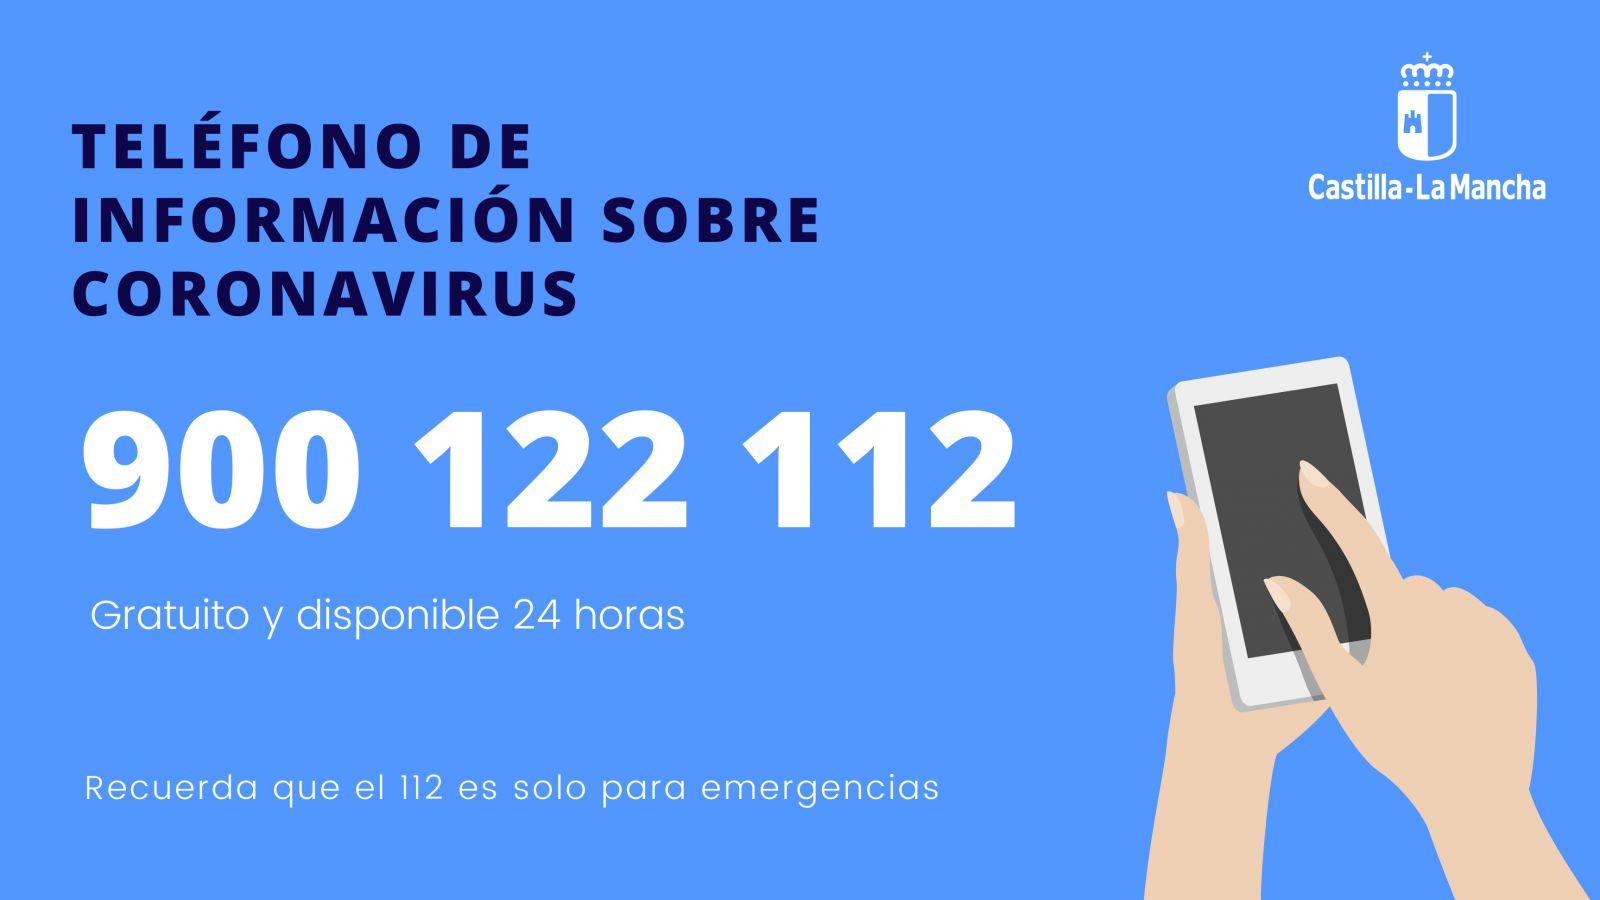 ÚLTIMA HORA | Castilla-La Mancha registra 662 casos y 23 fallecidos por  Covid-19 | La Voz del Tajo